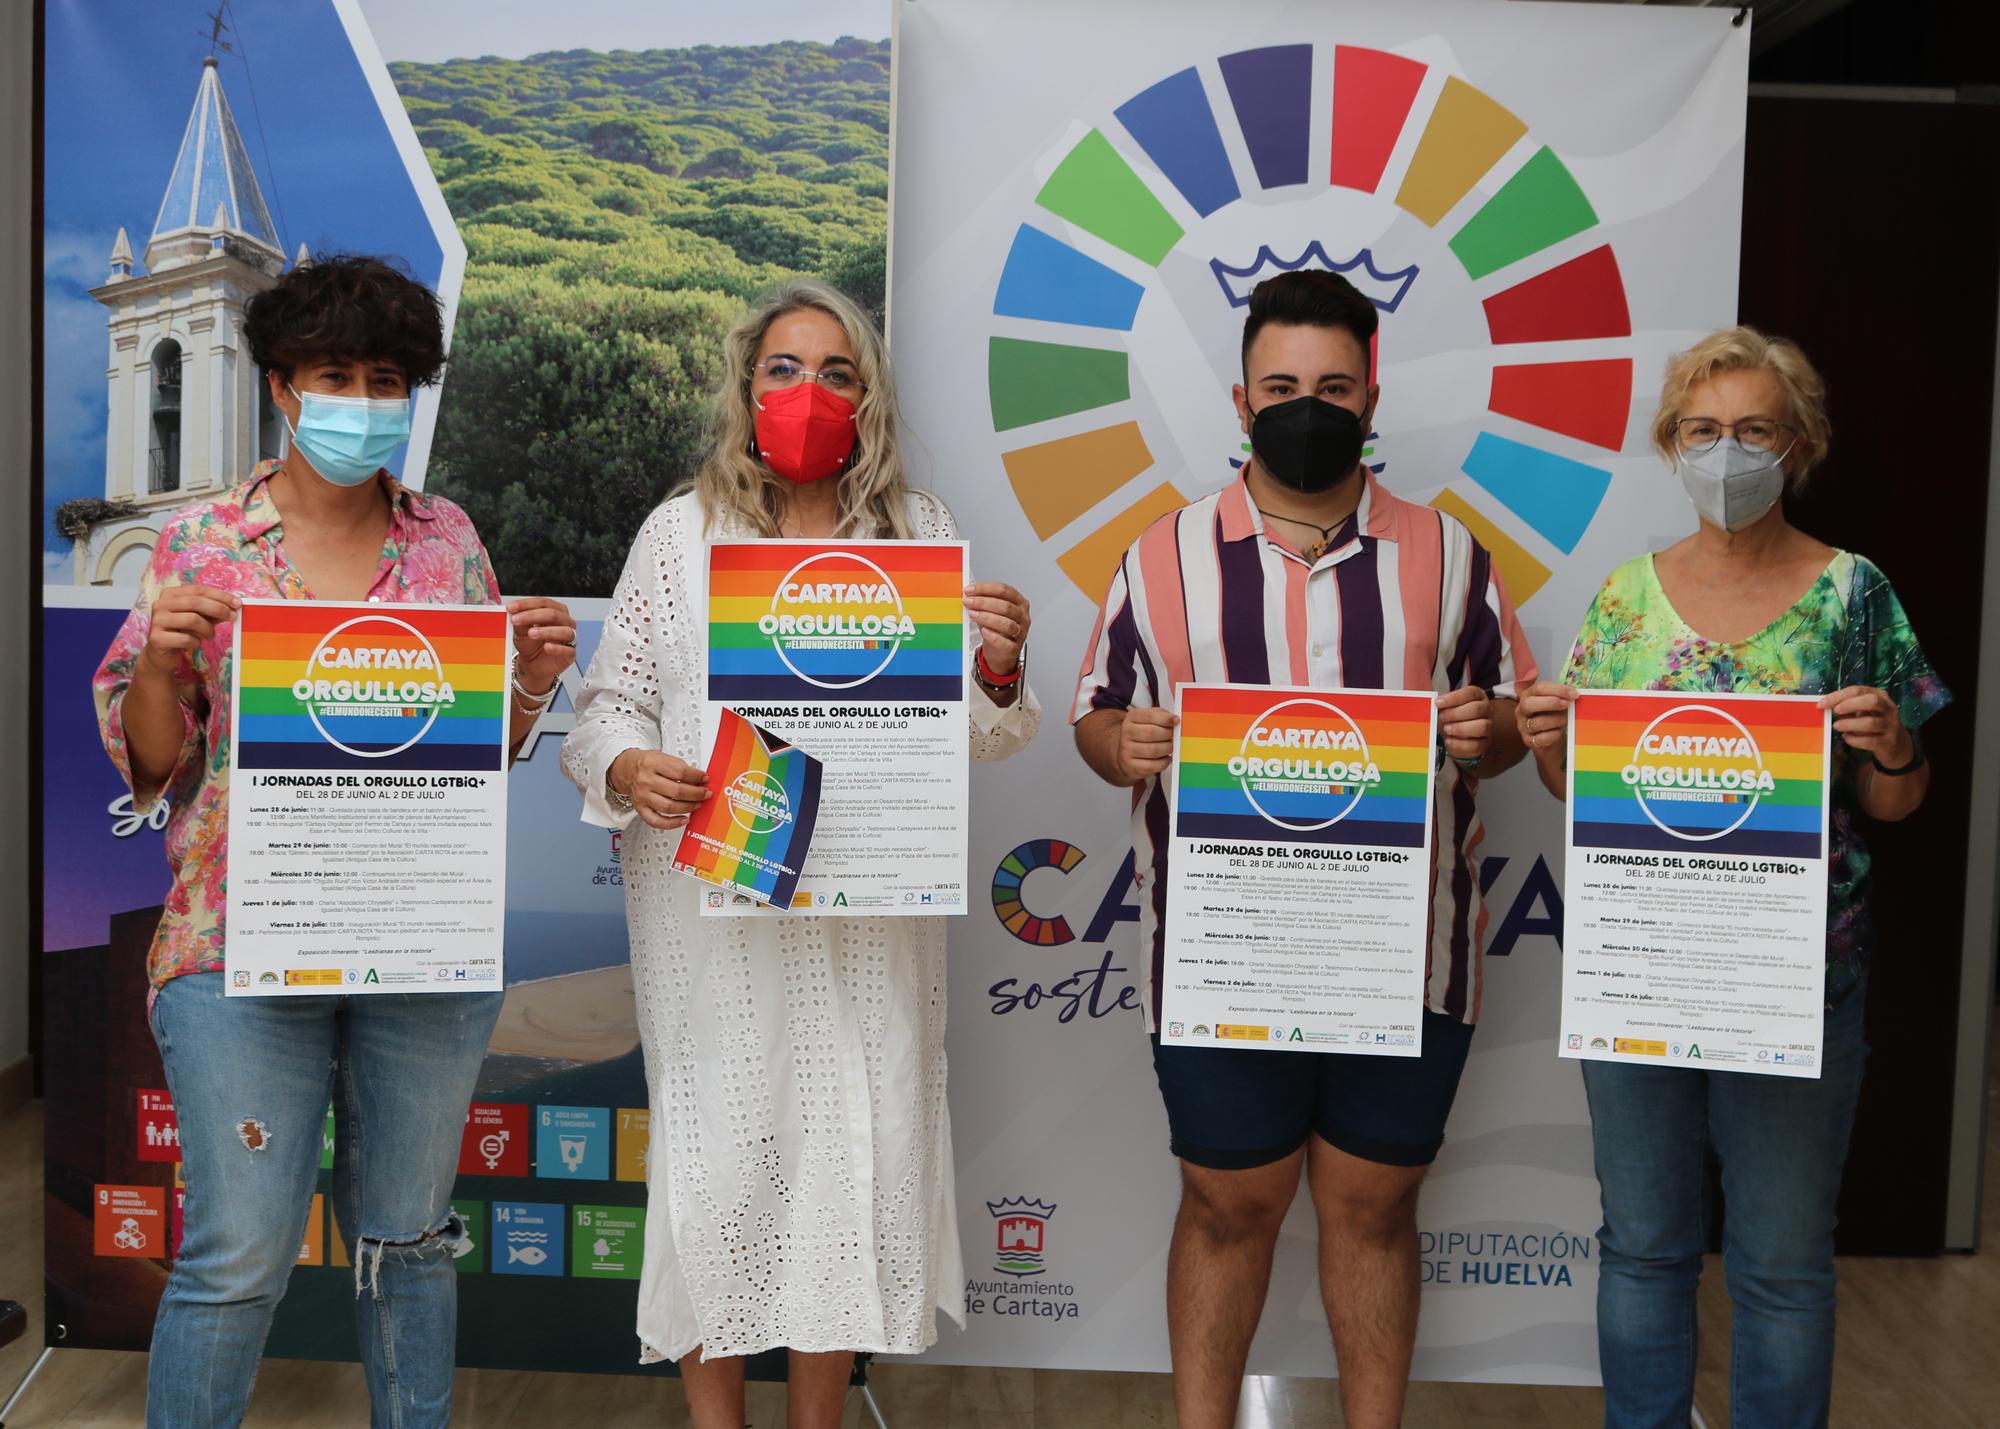 Cartaya celebra por primera vez el Día del Orgullo con una decena de actividades durante toda la semana